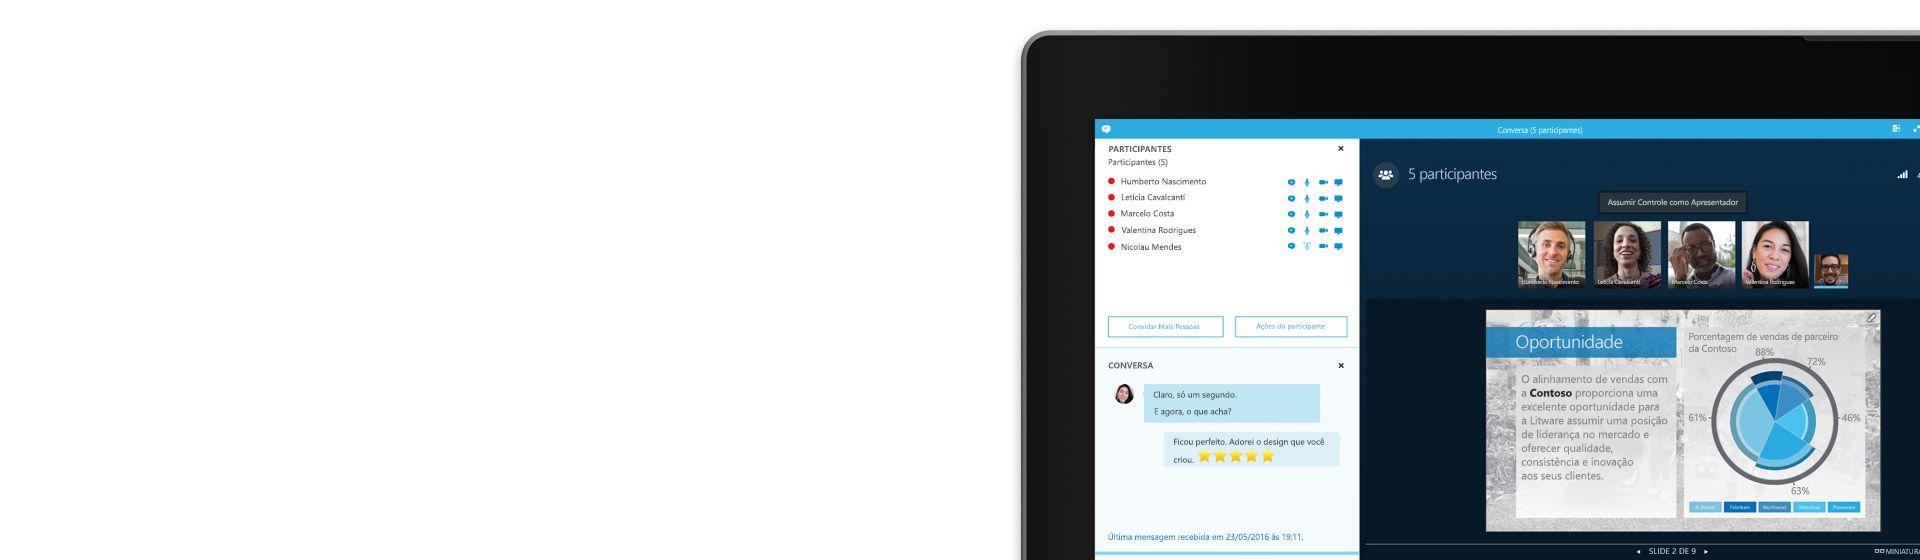 Canto de uma tela de computador mostrando uma reunião online e uma lista de participantes no Skype for Business